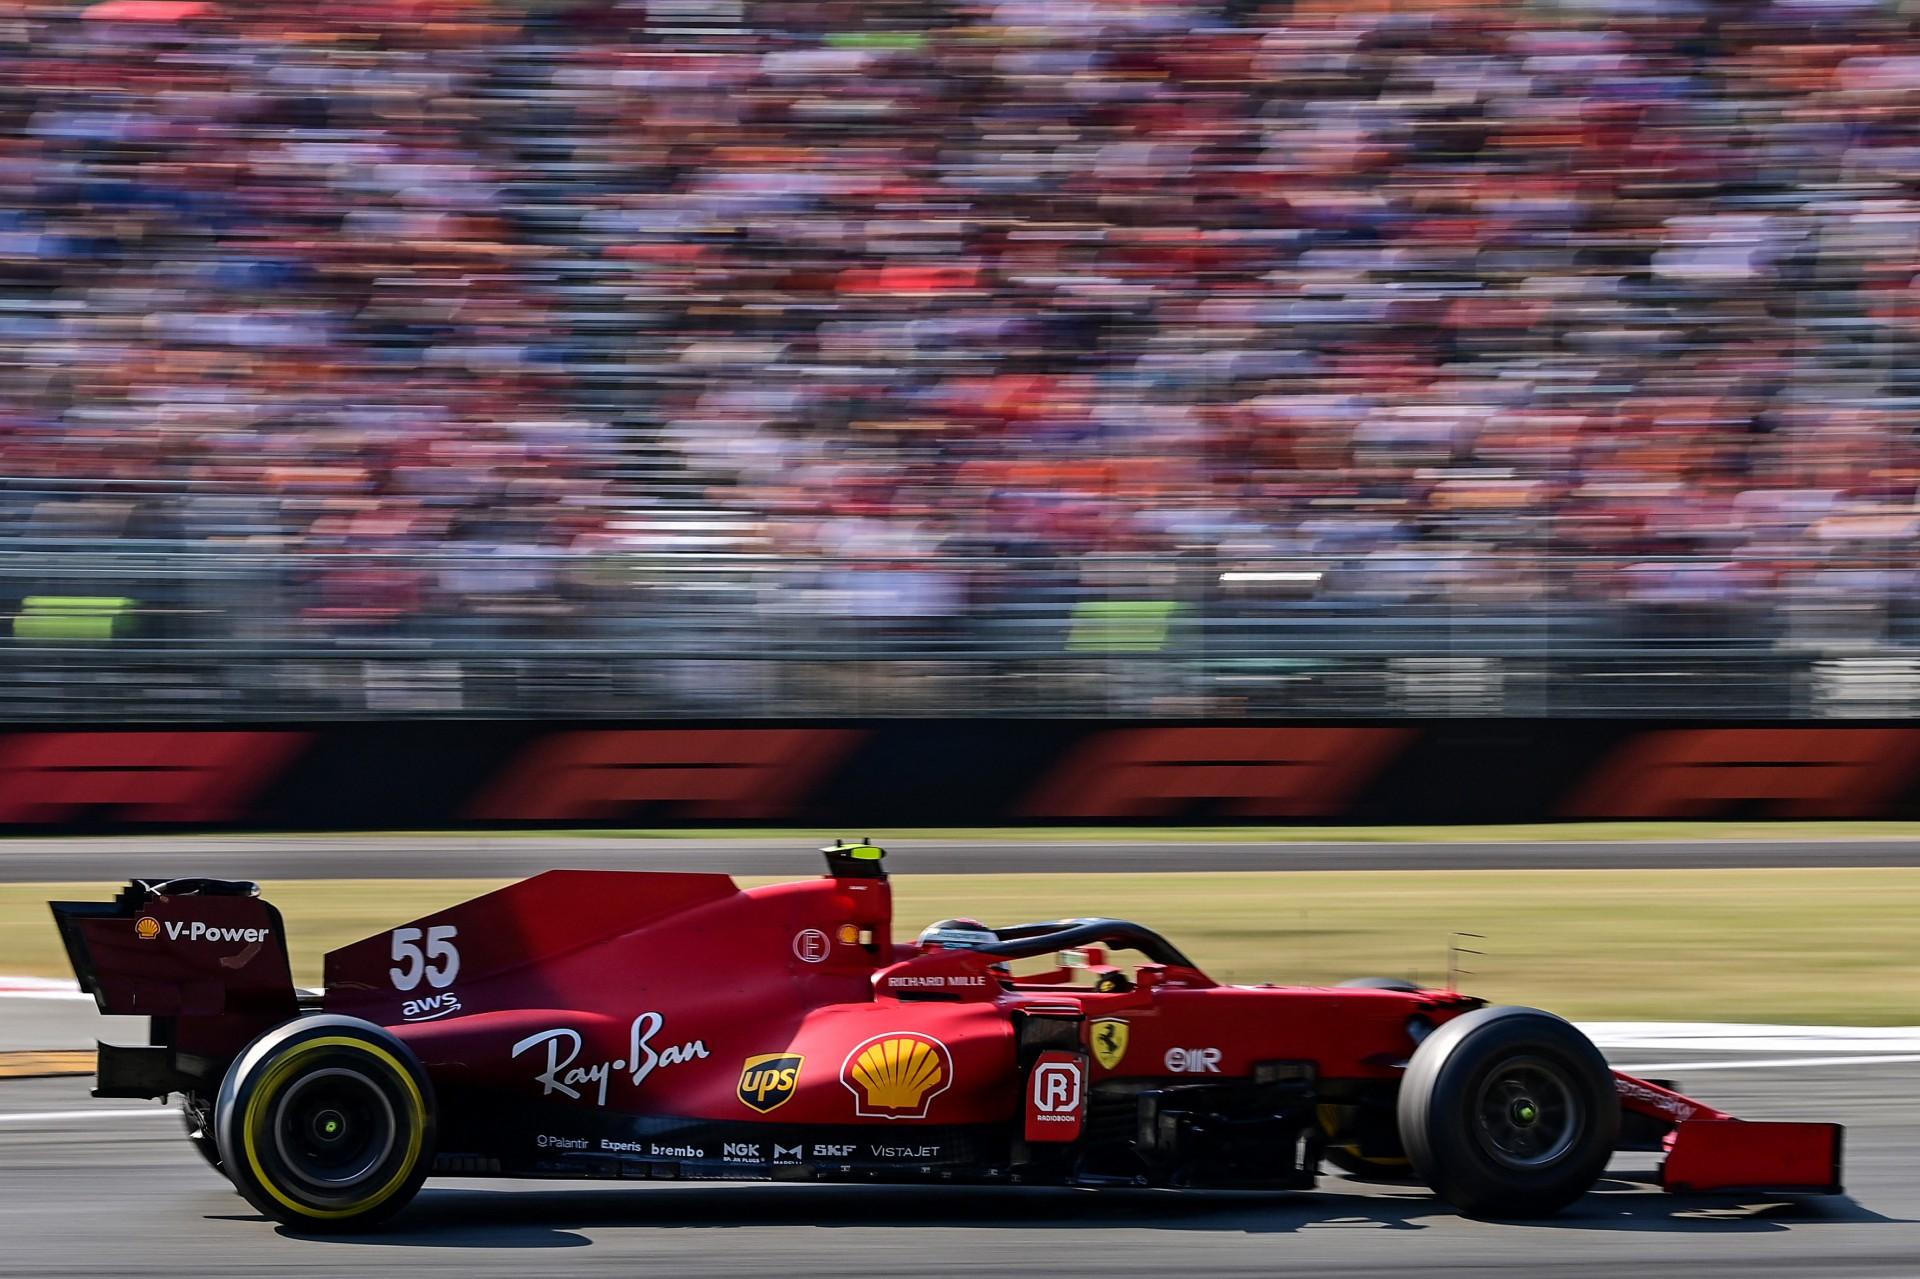 Piloto da Ferrari diz que não ficaria feliz 'sendo um Barrichello'